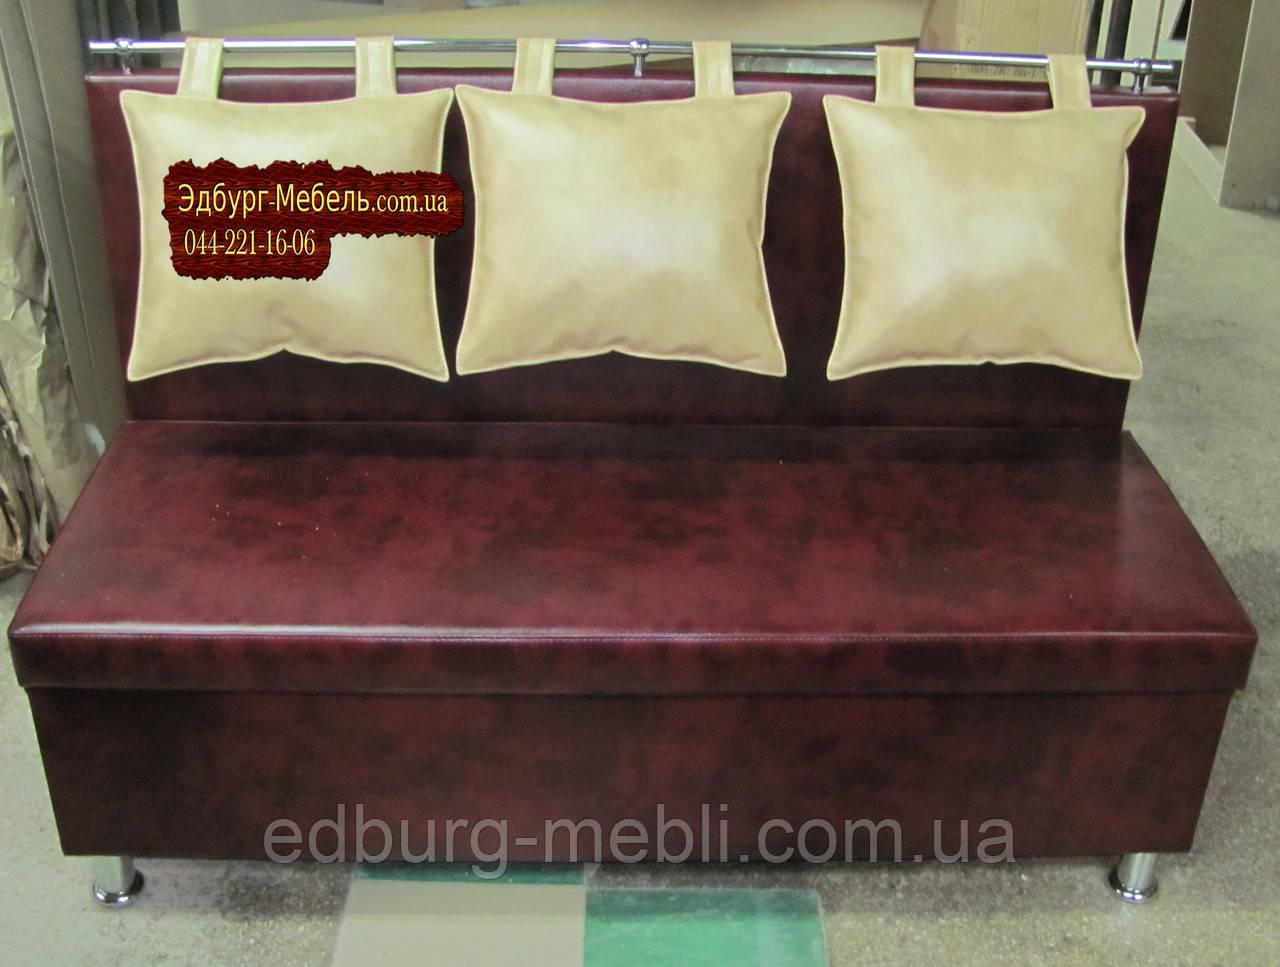 Диваны Комфорт для кафе, аптеки, офиса, салона красоты, магазина - Эдбург-мебель производcтво мягкой мебели  в Киеве